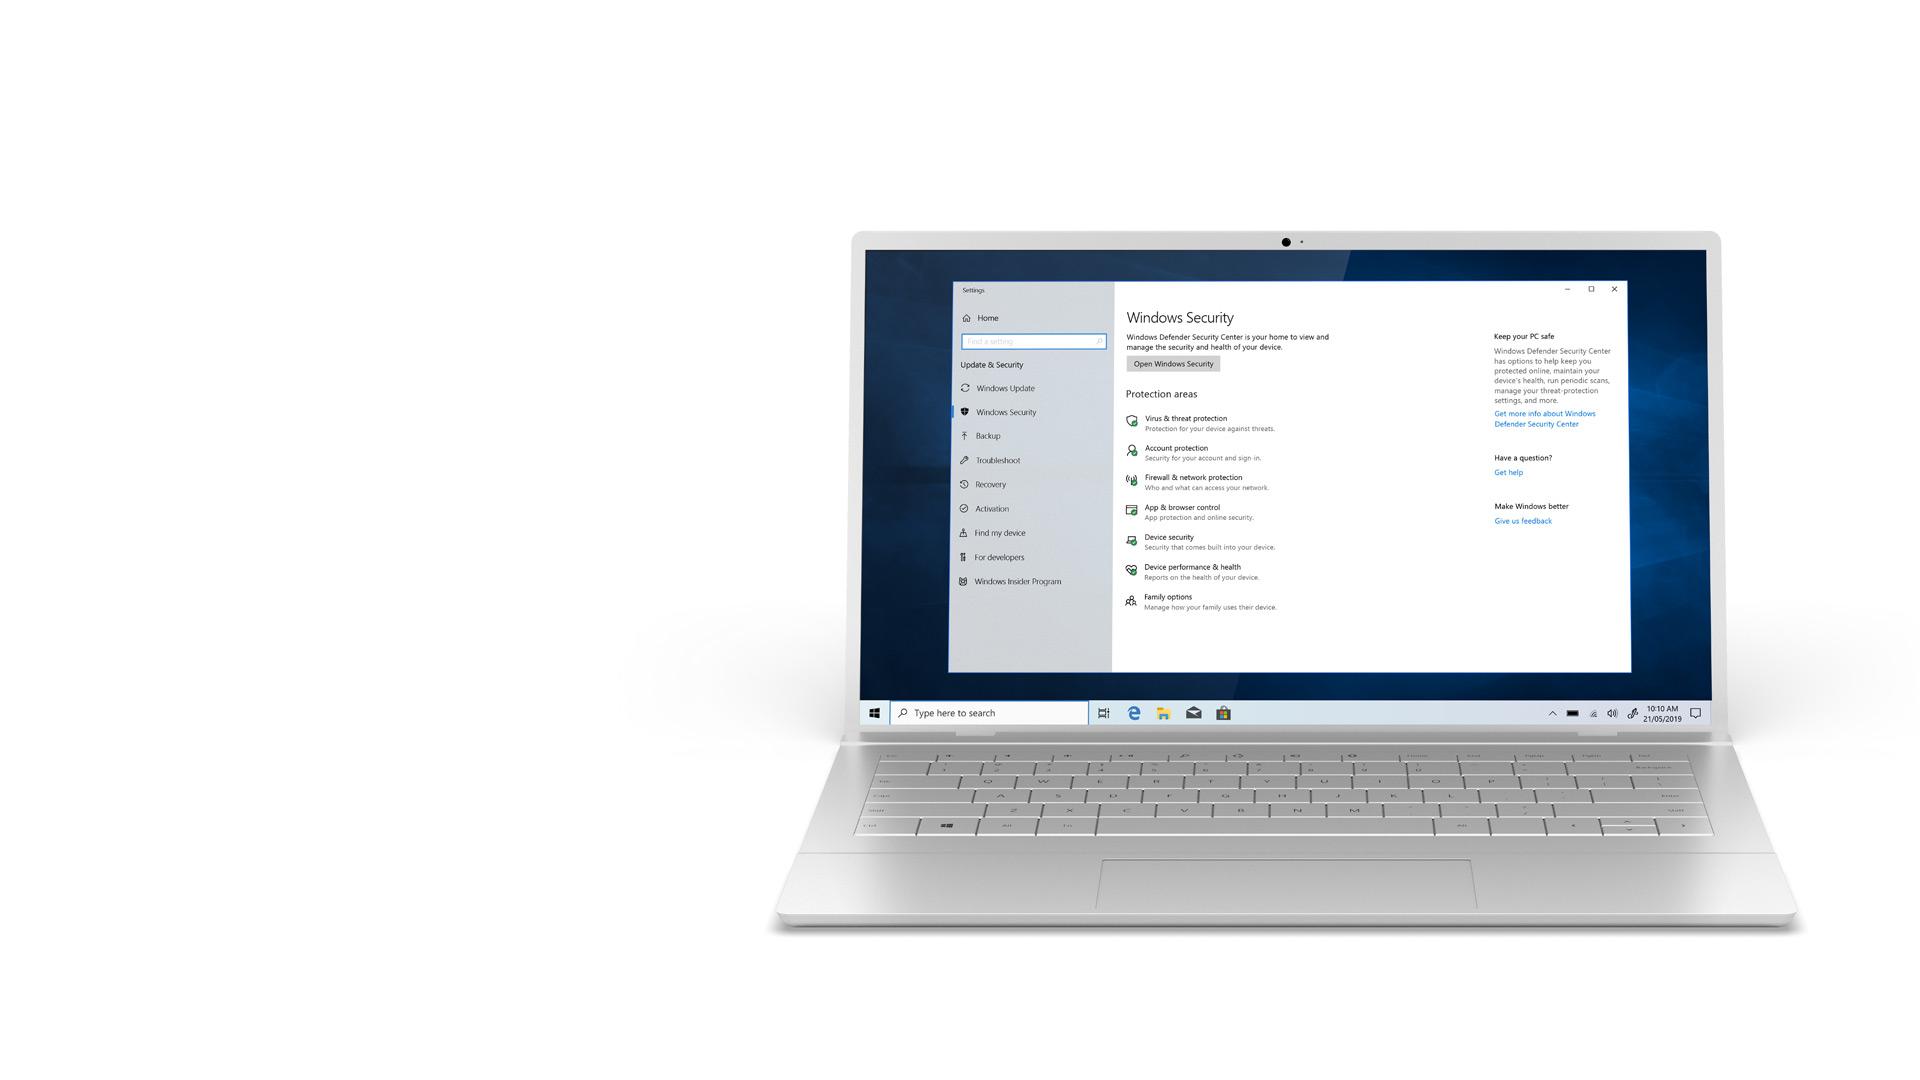 Um portátil Windows 10 a apresentar um ecrã de segurança do Windows 10